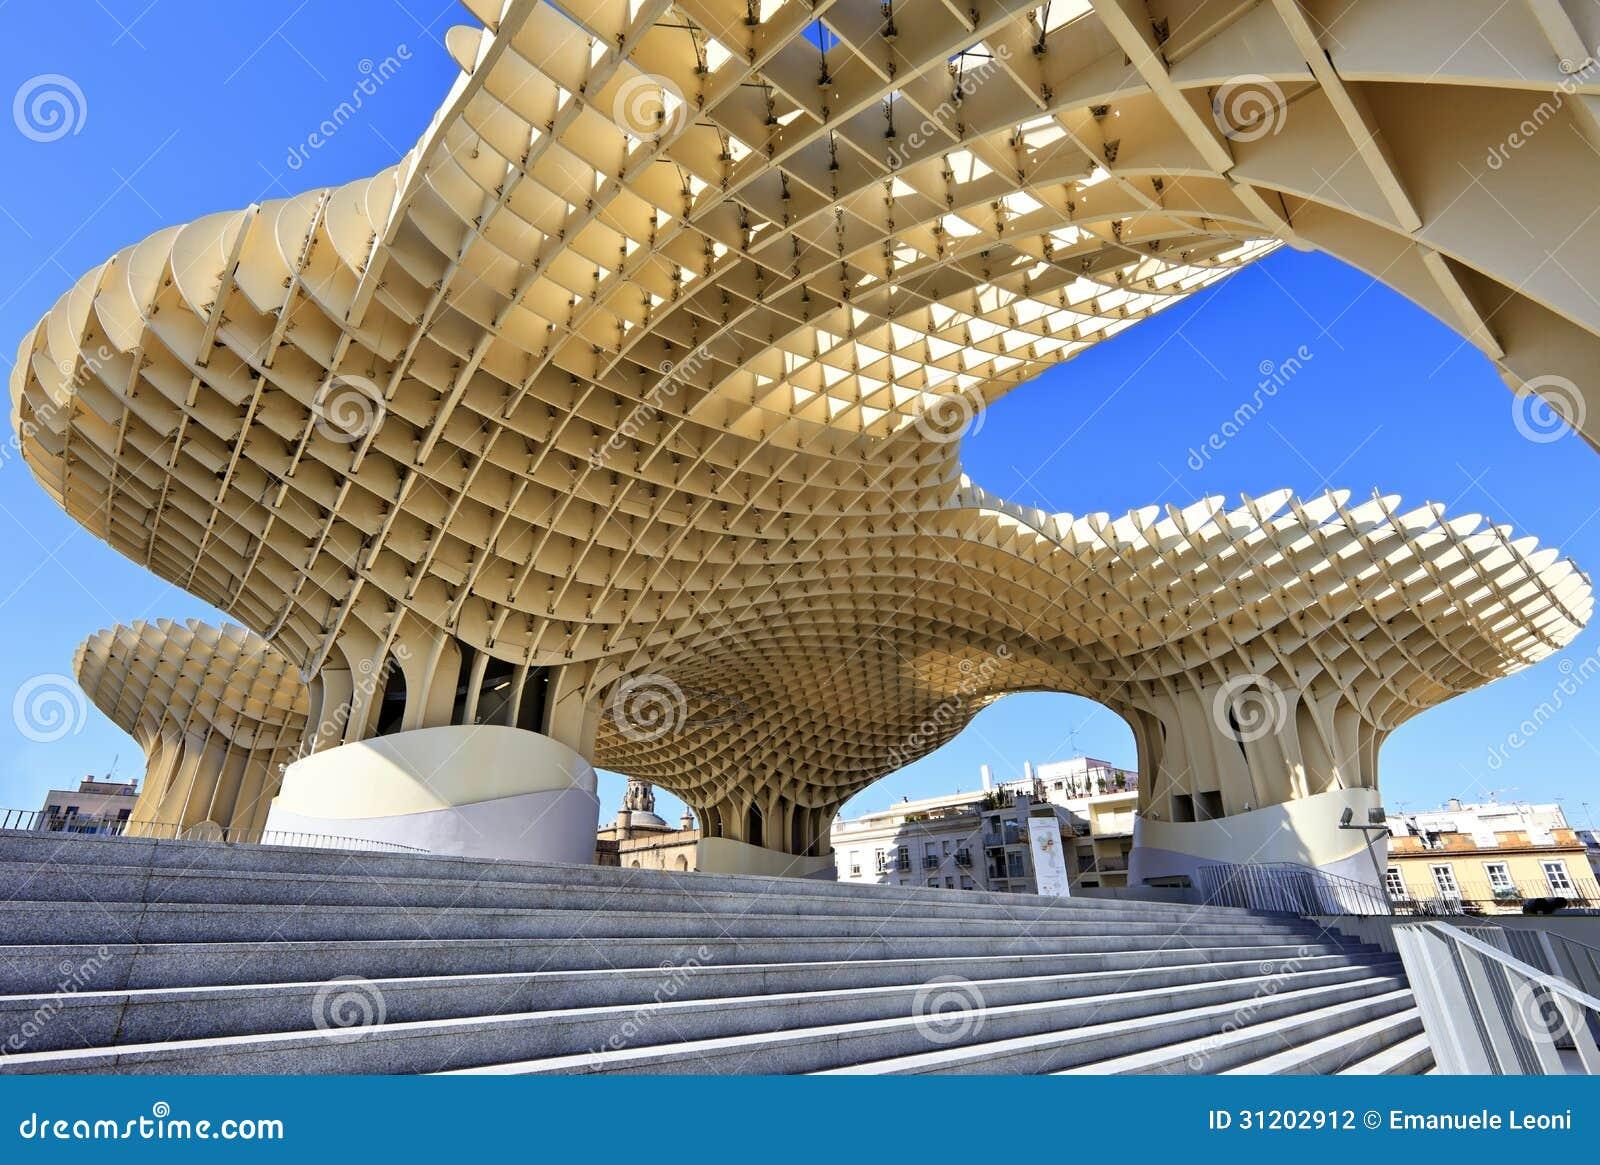 Parasol de Metropol en Plaza de la Encarnación, Sevilla